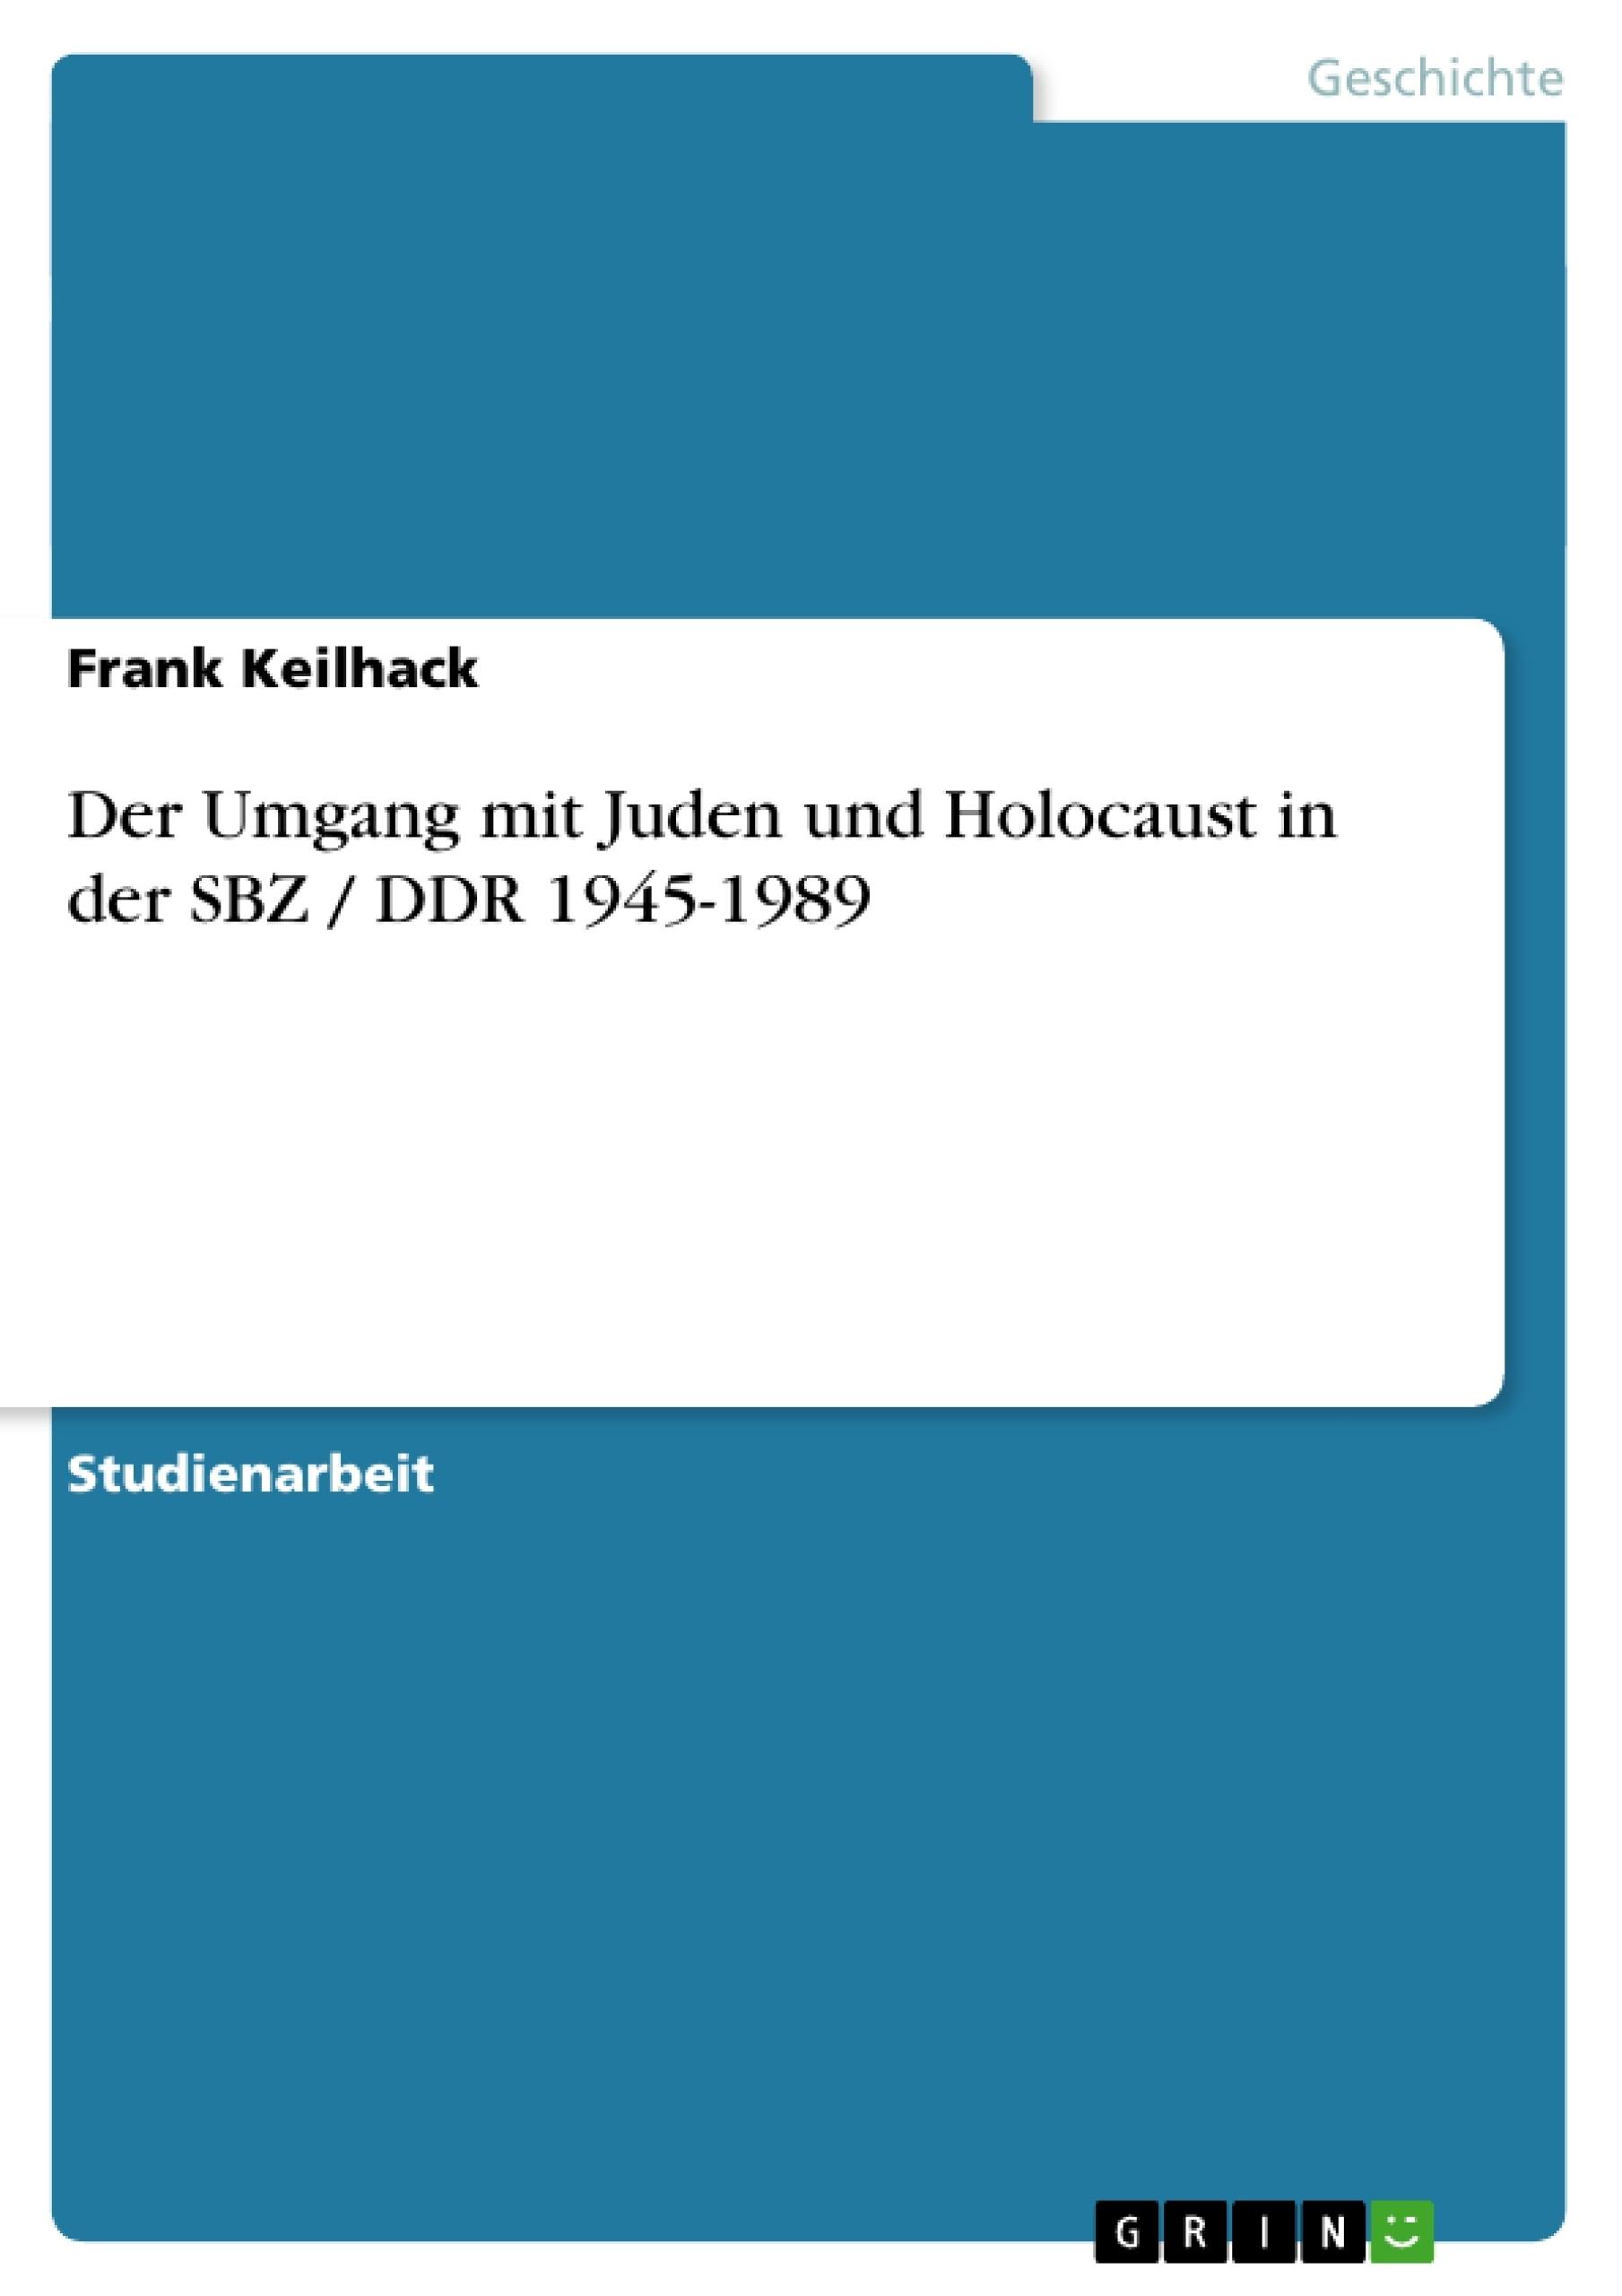 Titel: Der Umgang mit Juden und Holocaust in der SBZ / DDR 1945-1989